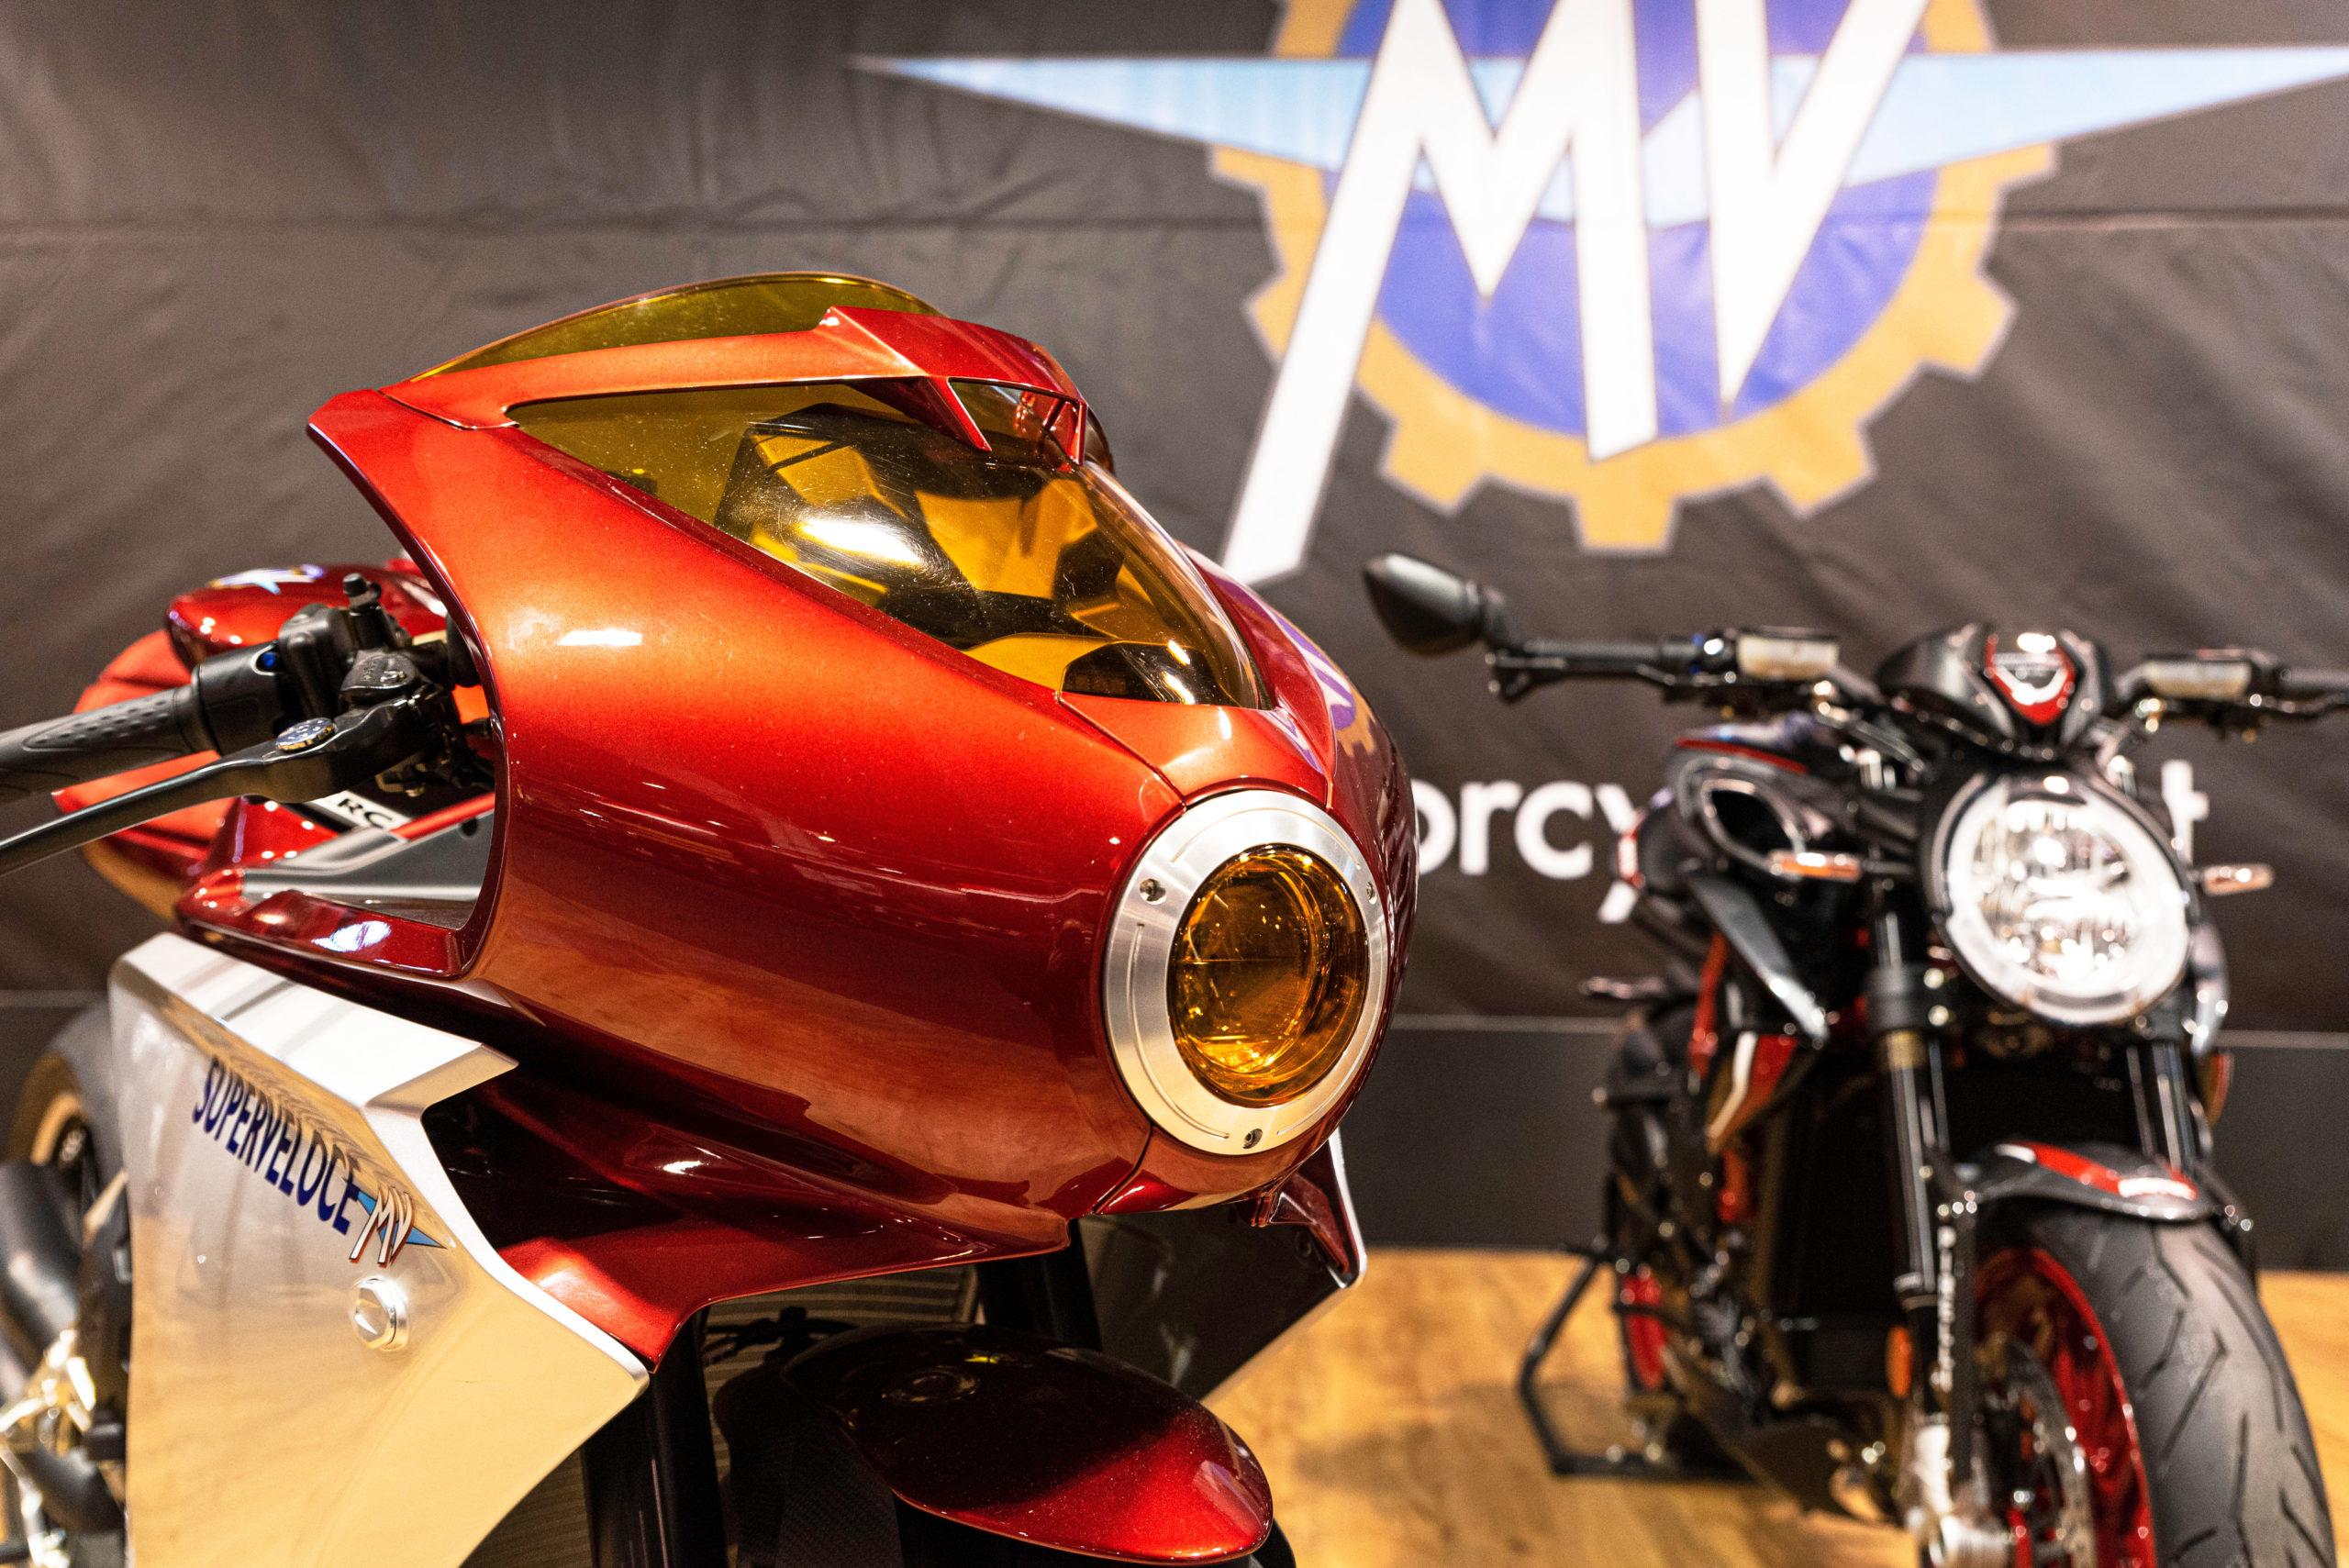 Salon moto 18